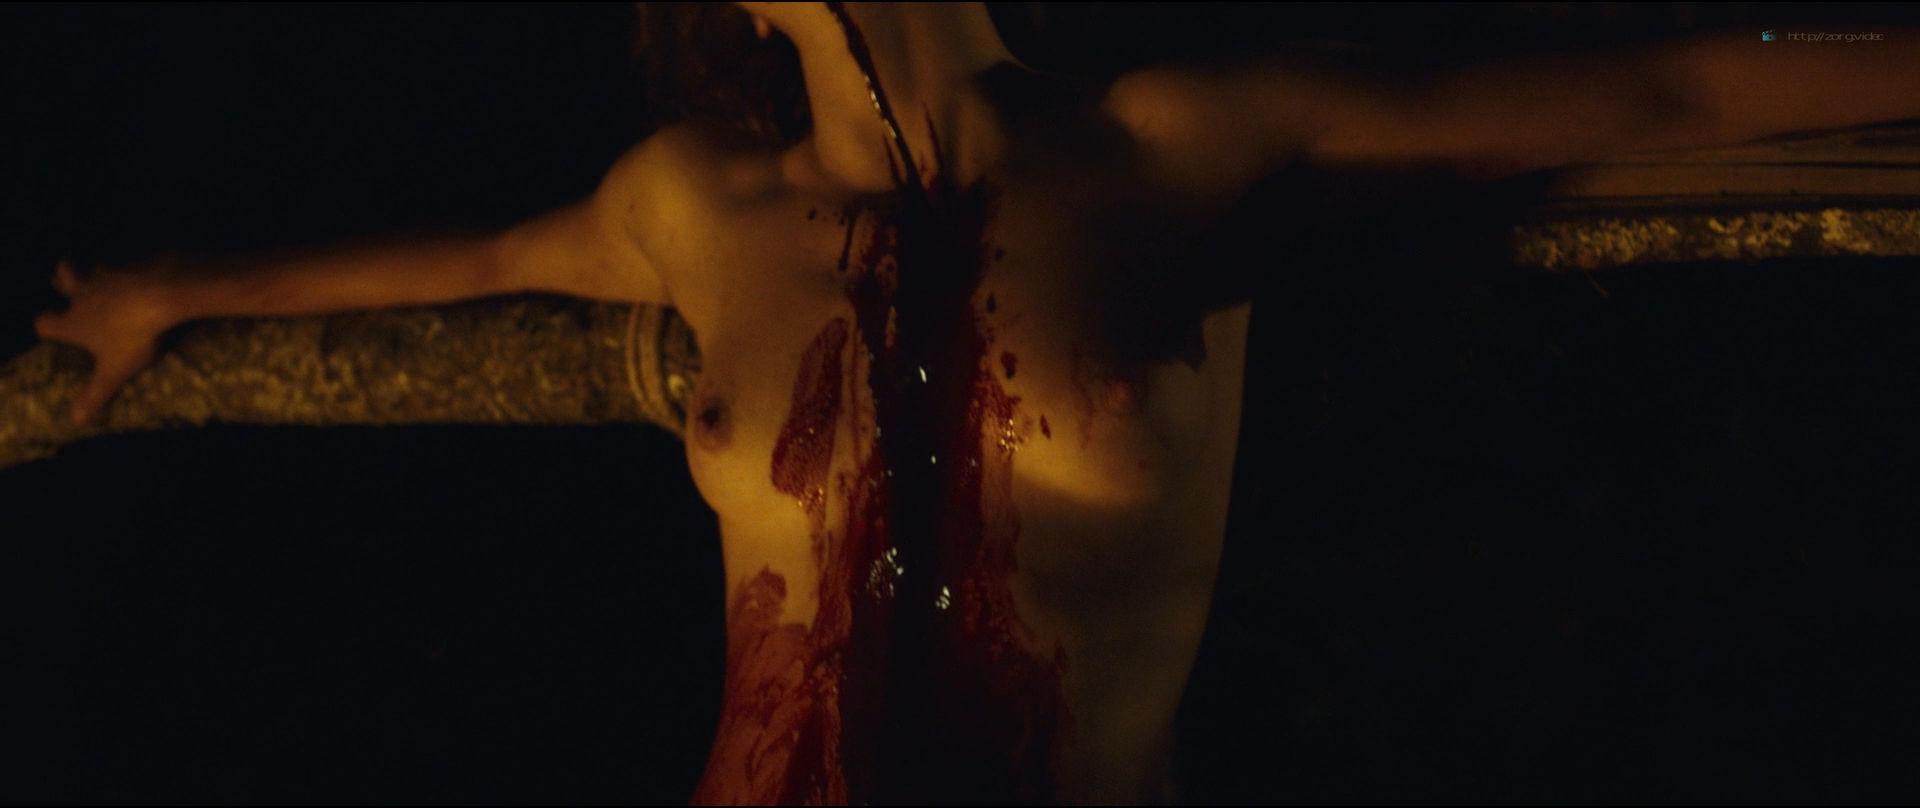 Marianna Fontana nude full frontal Jenna Thiam others nude - Capri-Revolution (2018) HD 1080p BluRay (5)